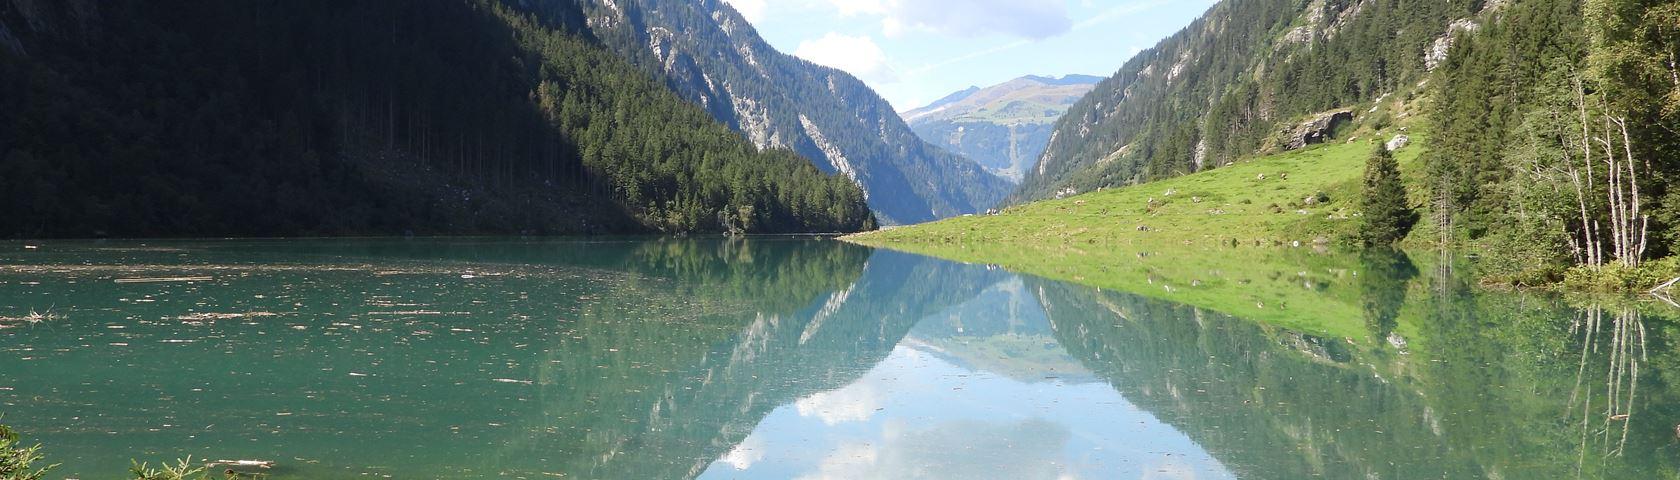 Stillup-Stausee Austria